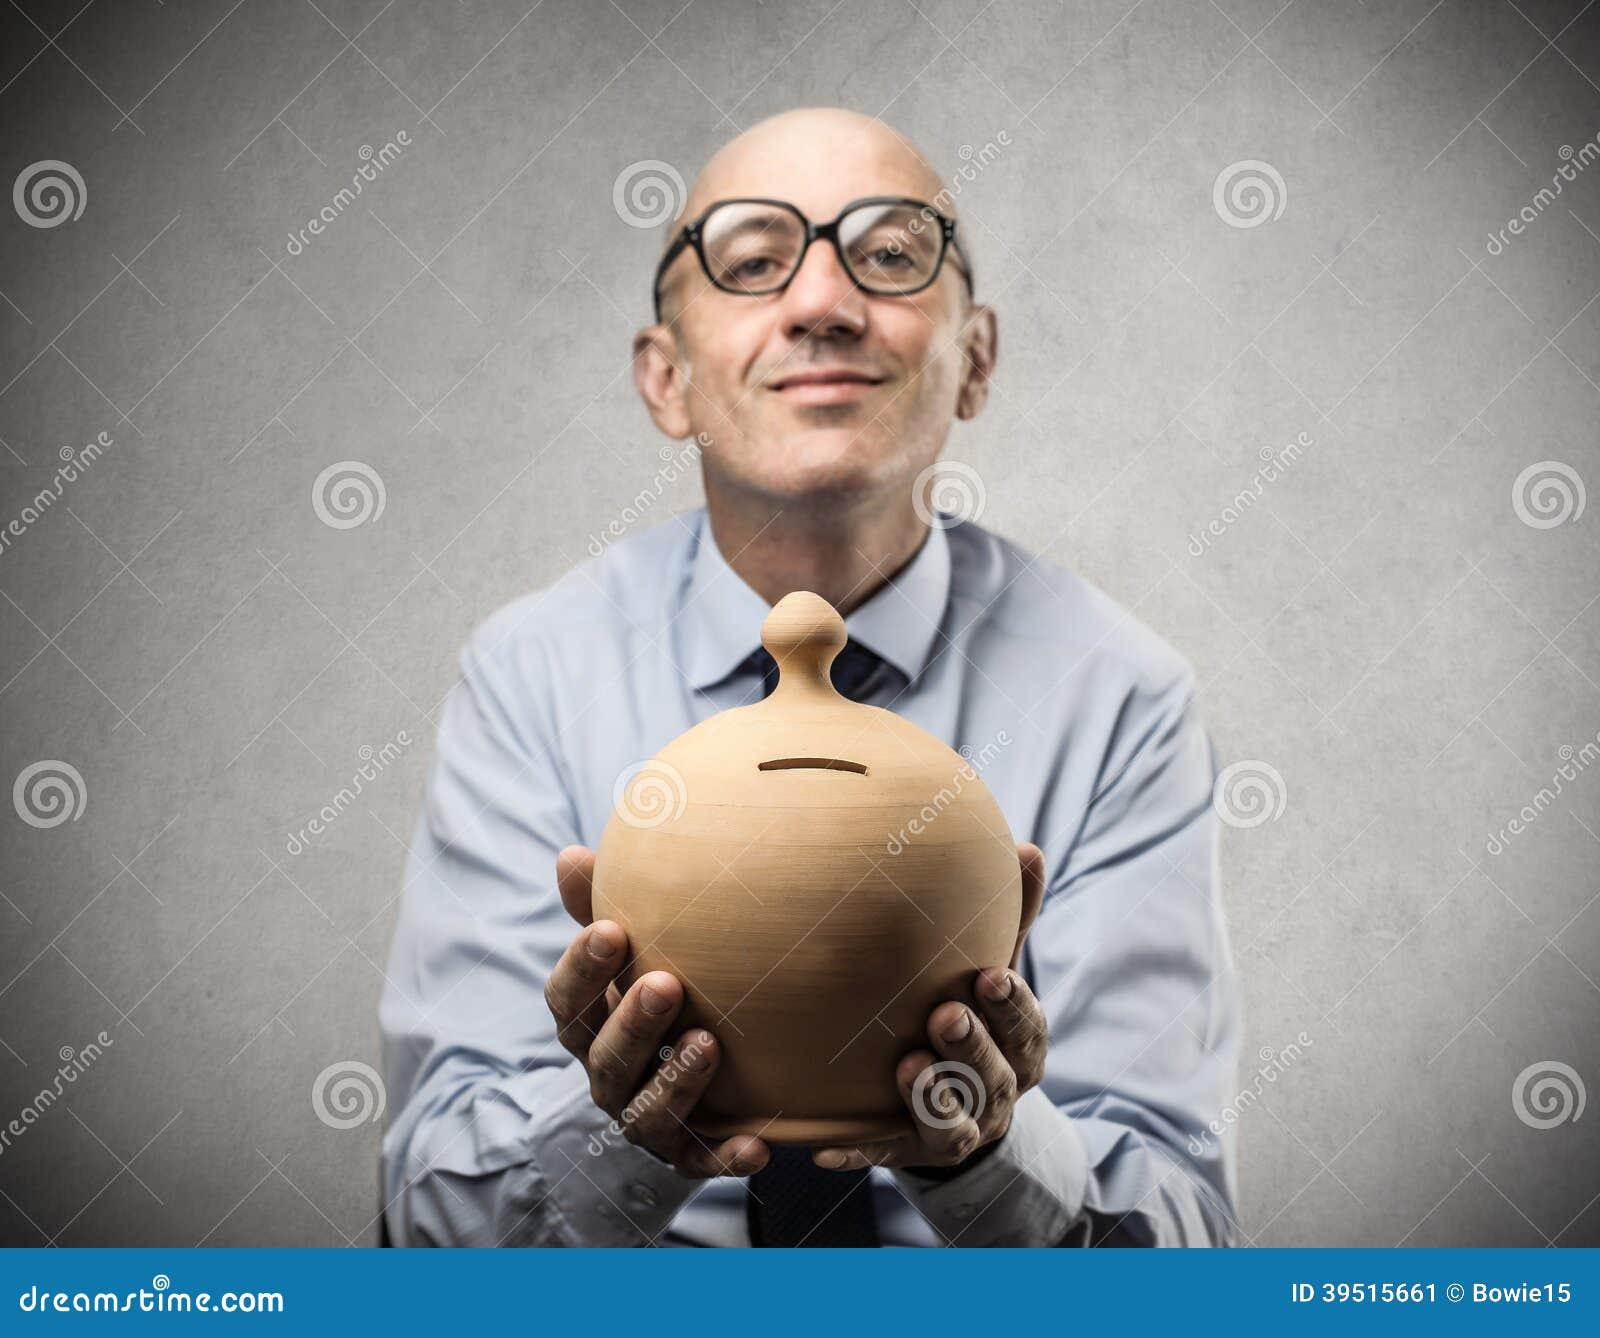 Businessman holding a piggy-bank